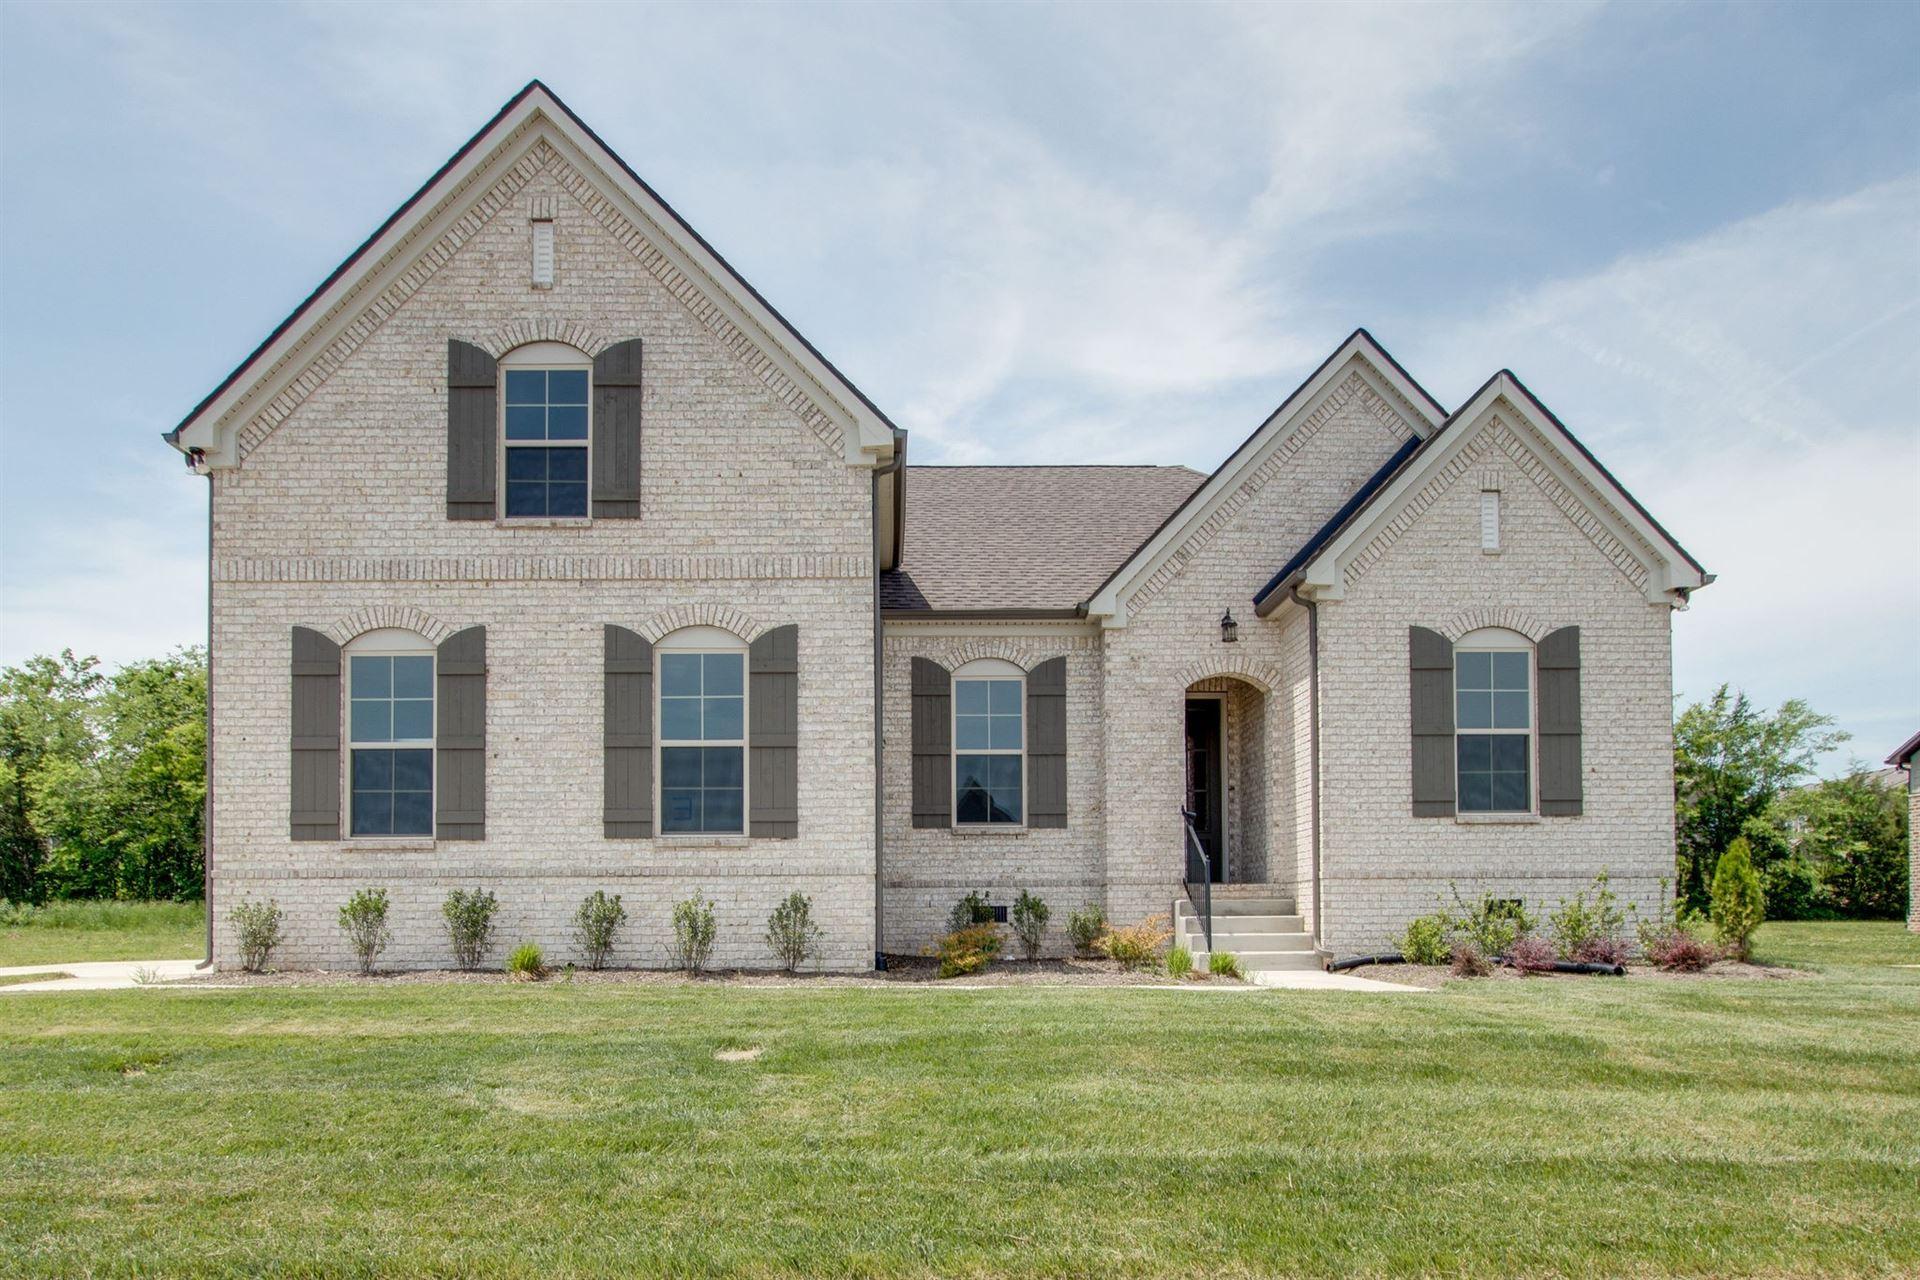 3317 Rift Ln, Murfreesboro, TN 37130 - MLS#: 2186466